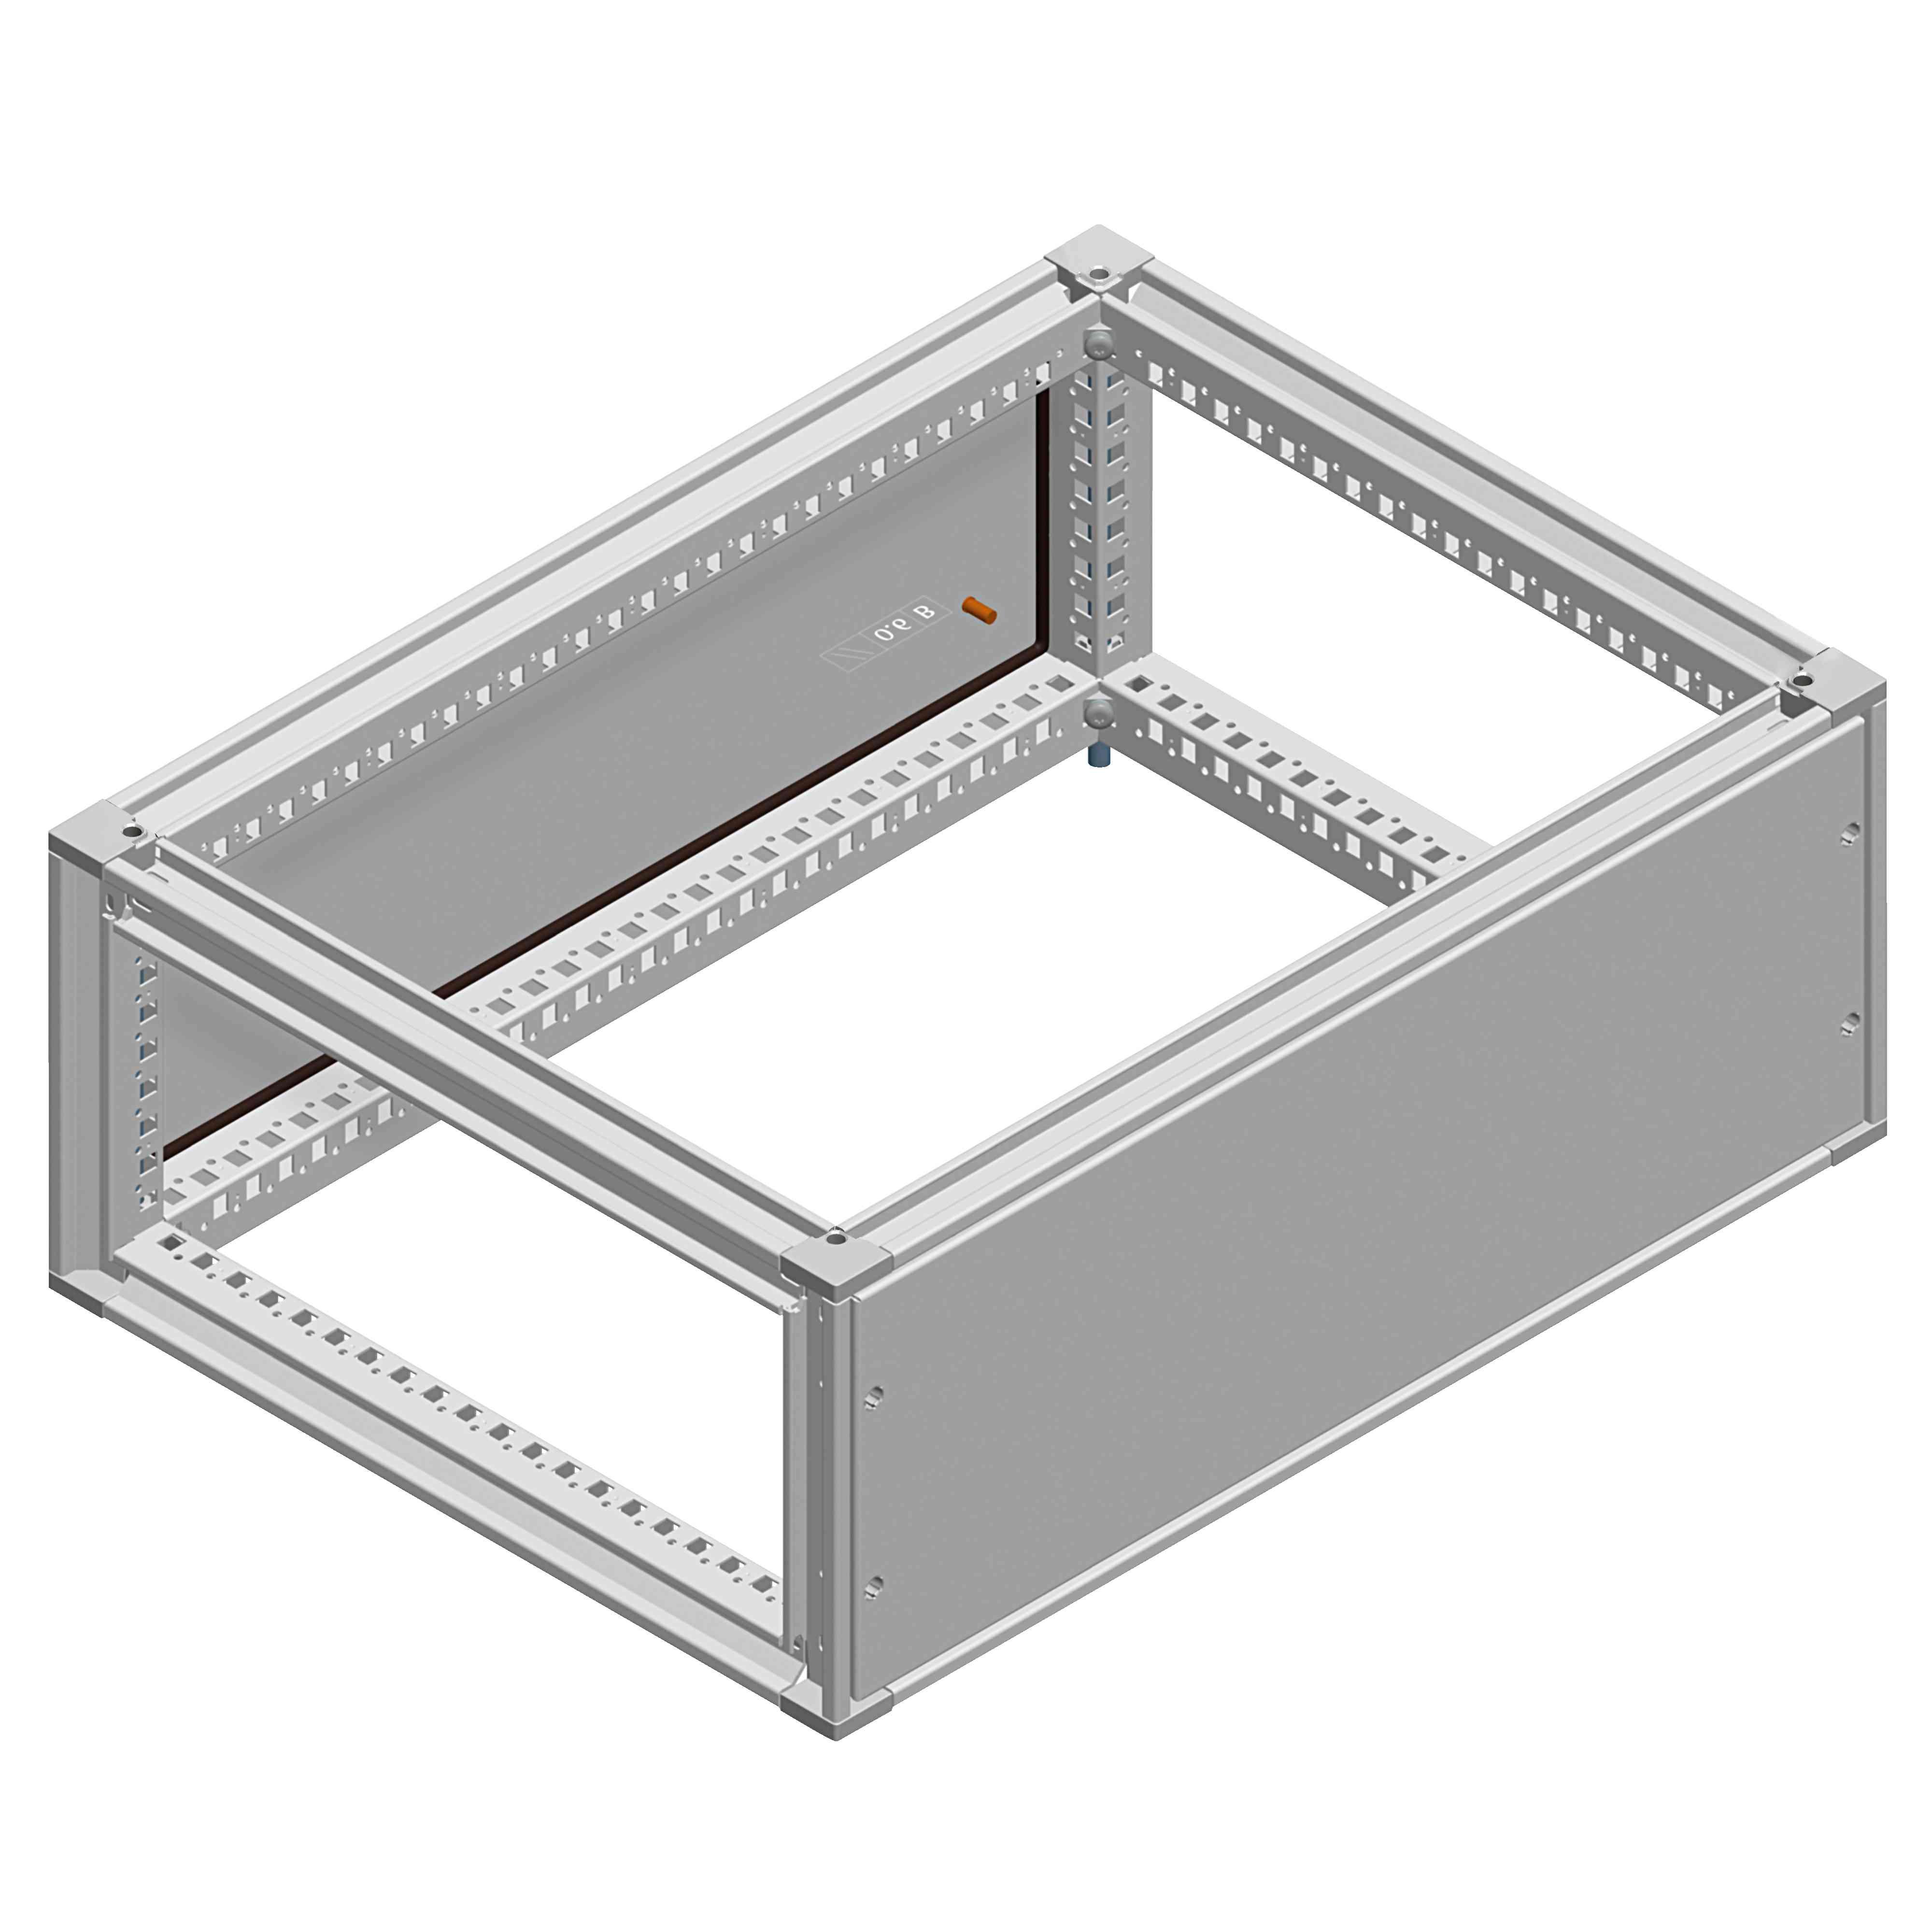 Vrhnja zbiralčna komora Spacial SF - IP55 - 300 x 1200 x 800 mm